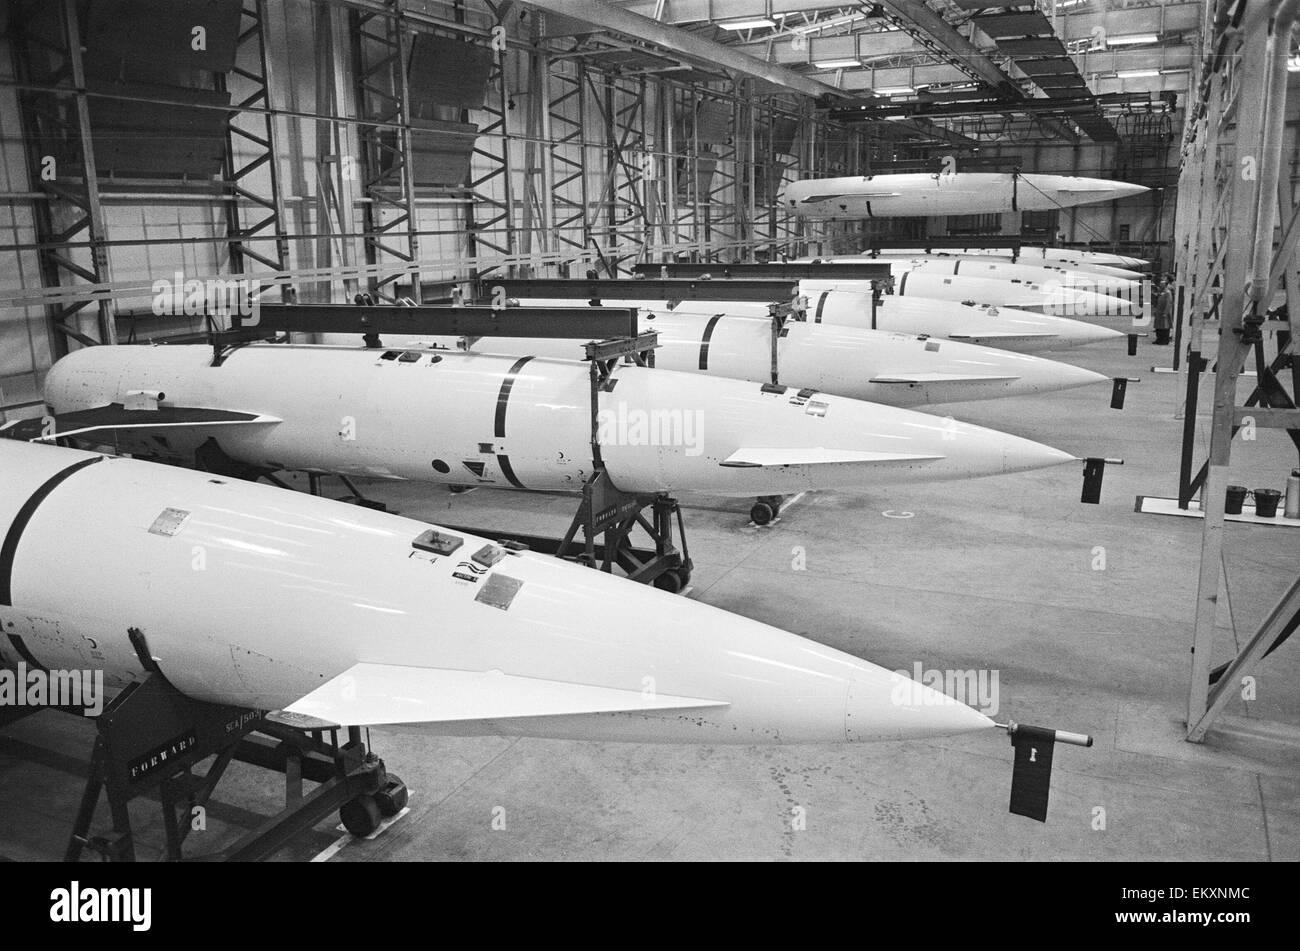 Misiles Thor en el hangar. 1963. Imagen De Stock